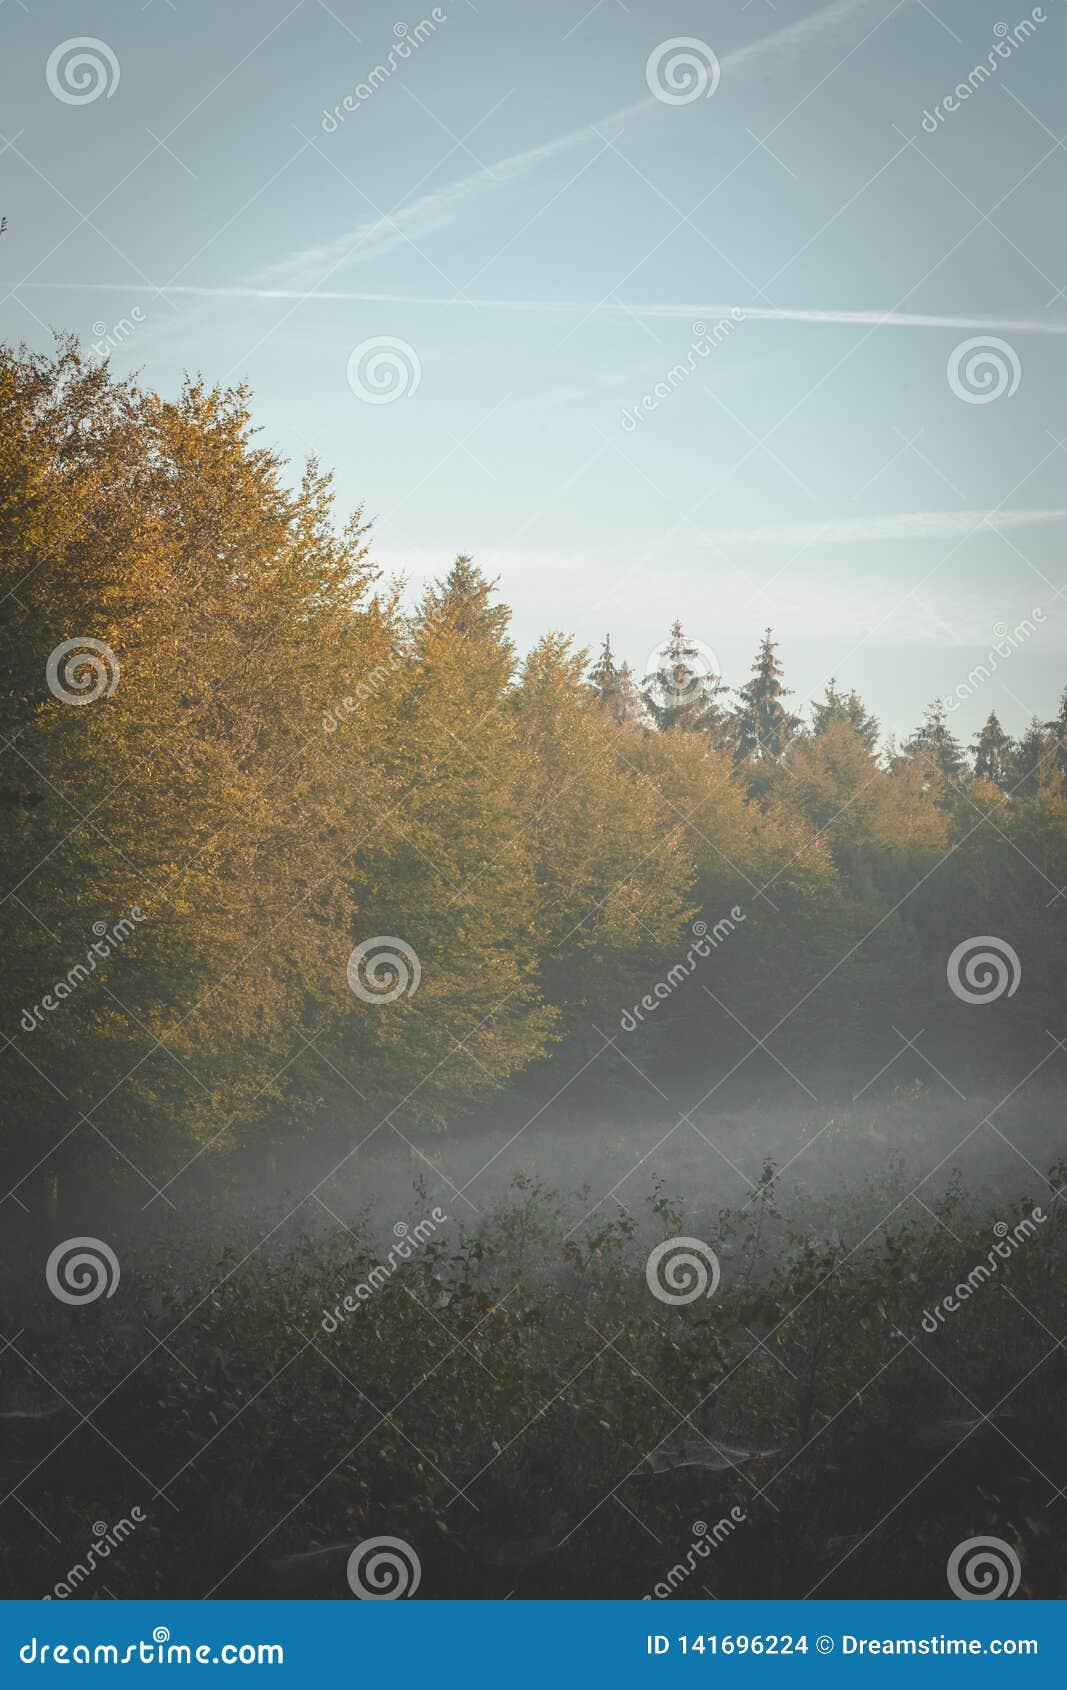 Опушка в солнечном свете раннего утра золотом с туманом свертывая в сквозных ветвях